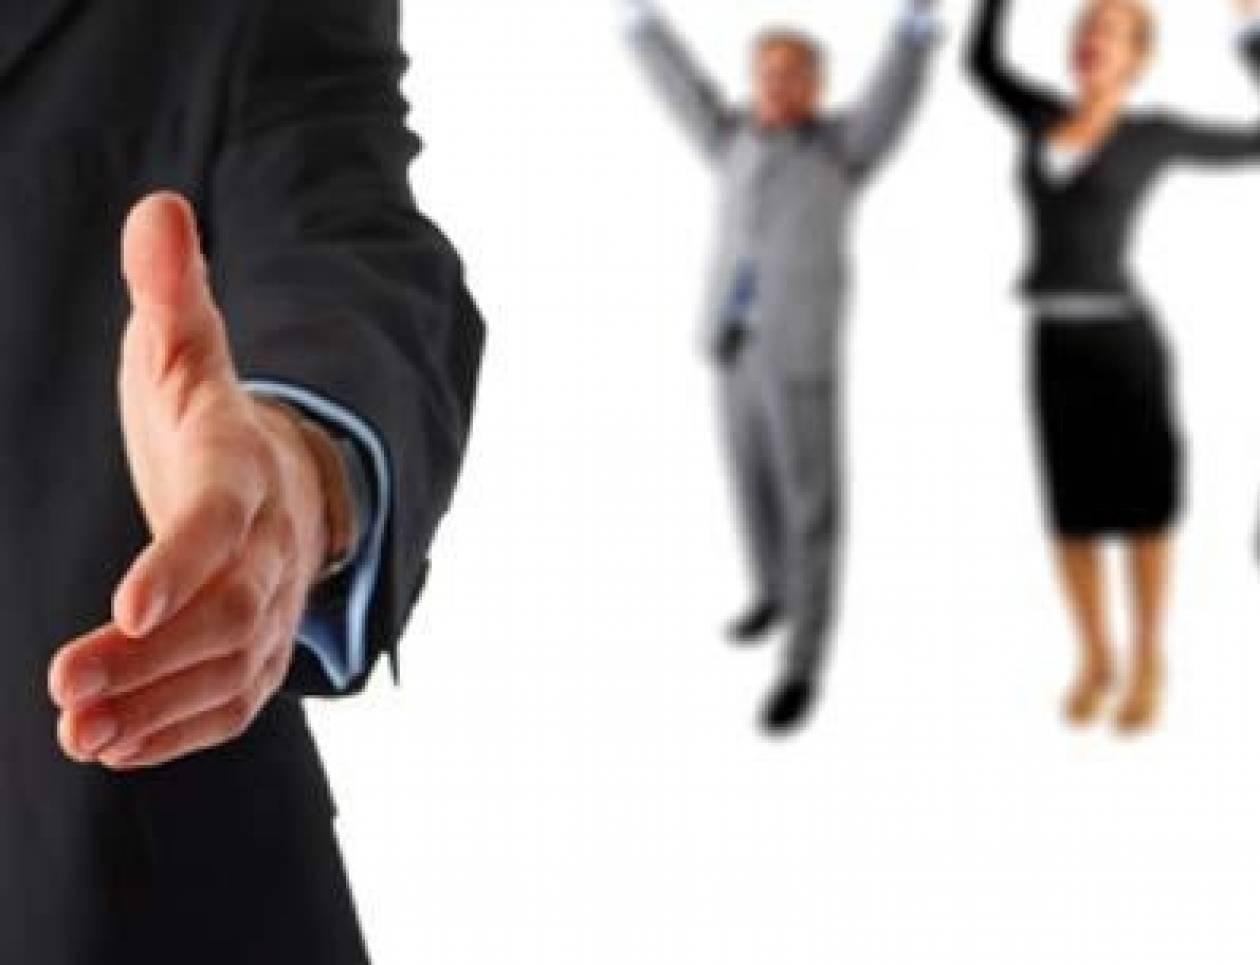 Δήμος Διδυμοτείχου: 14 θέσεις εργασίας